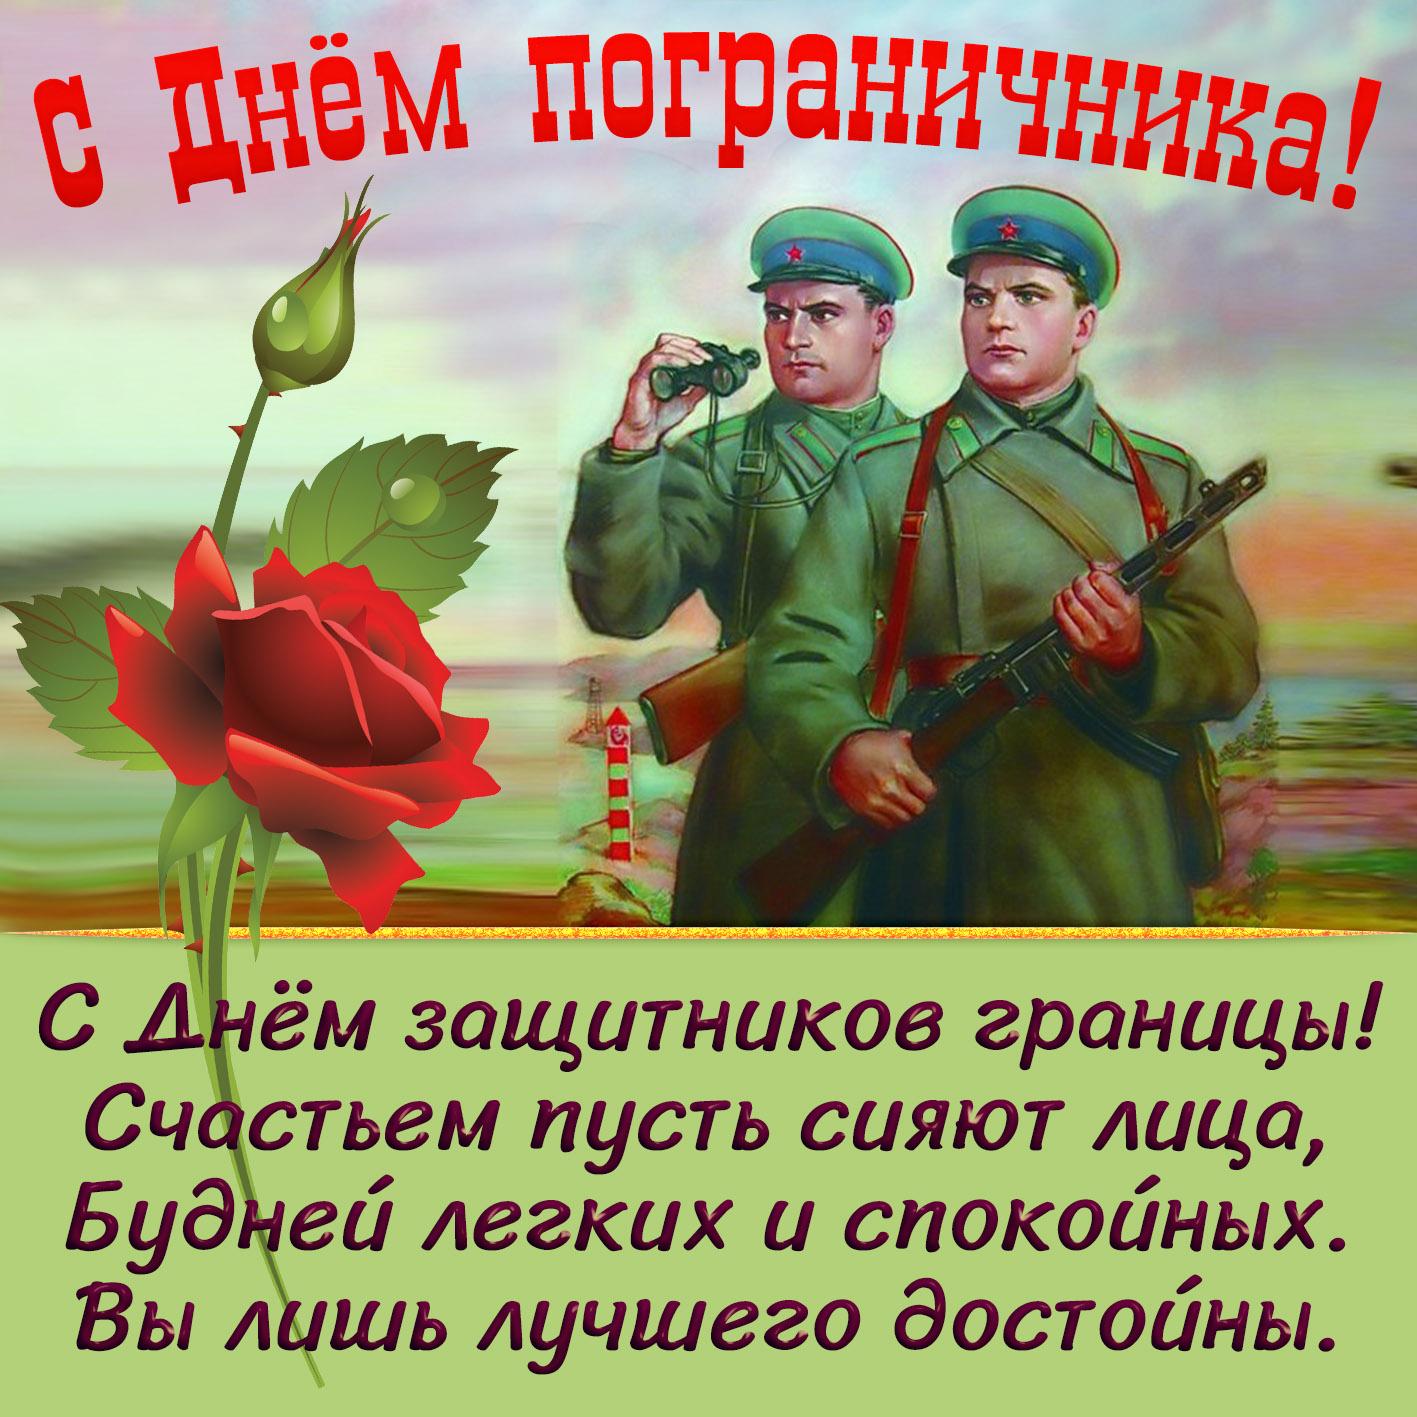 Открытка с розой и пожеланием к Дню пограничника